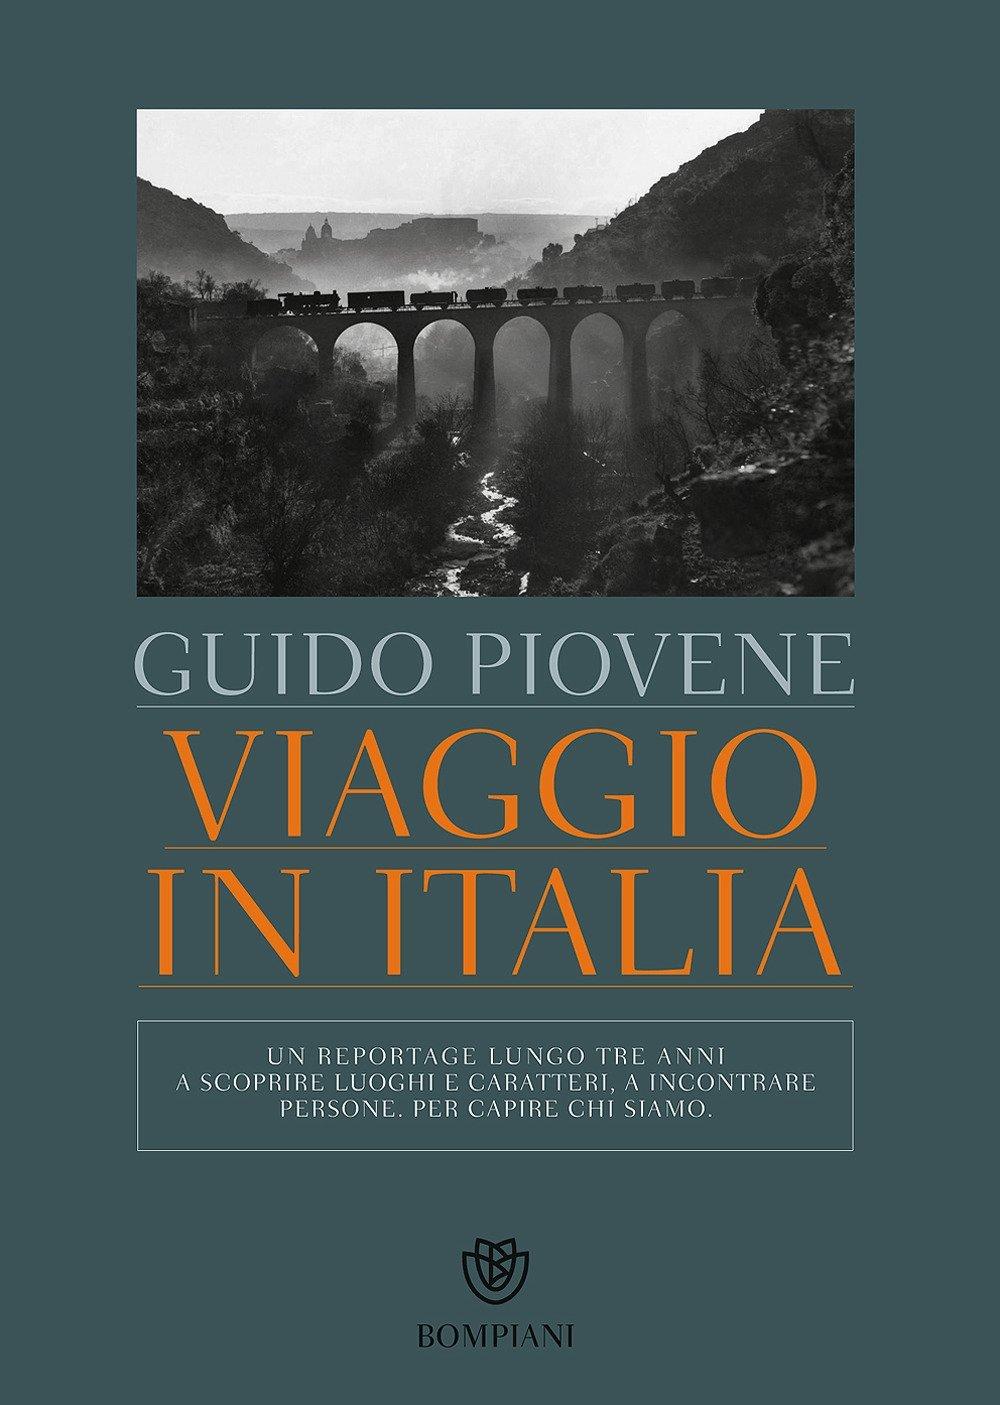 Il libro della settimana: Viaggio in Italia, di Guido Piovene